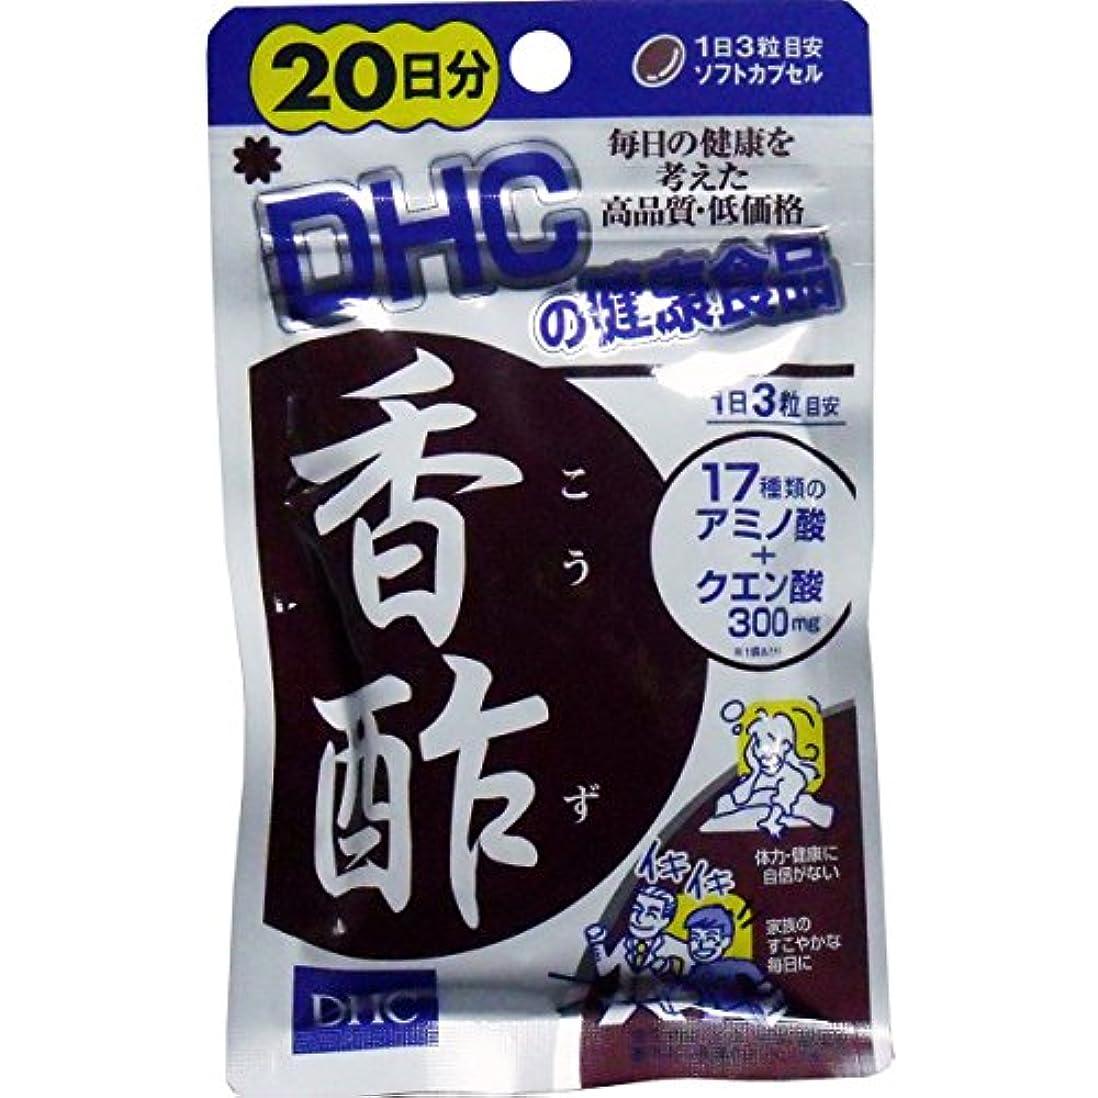 消去自宅で接辞DHC香酢20日分 60粒【3個セット】